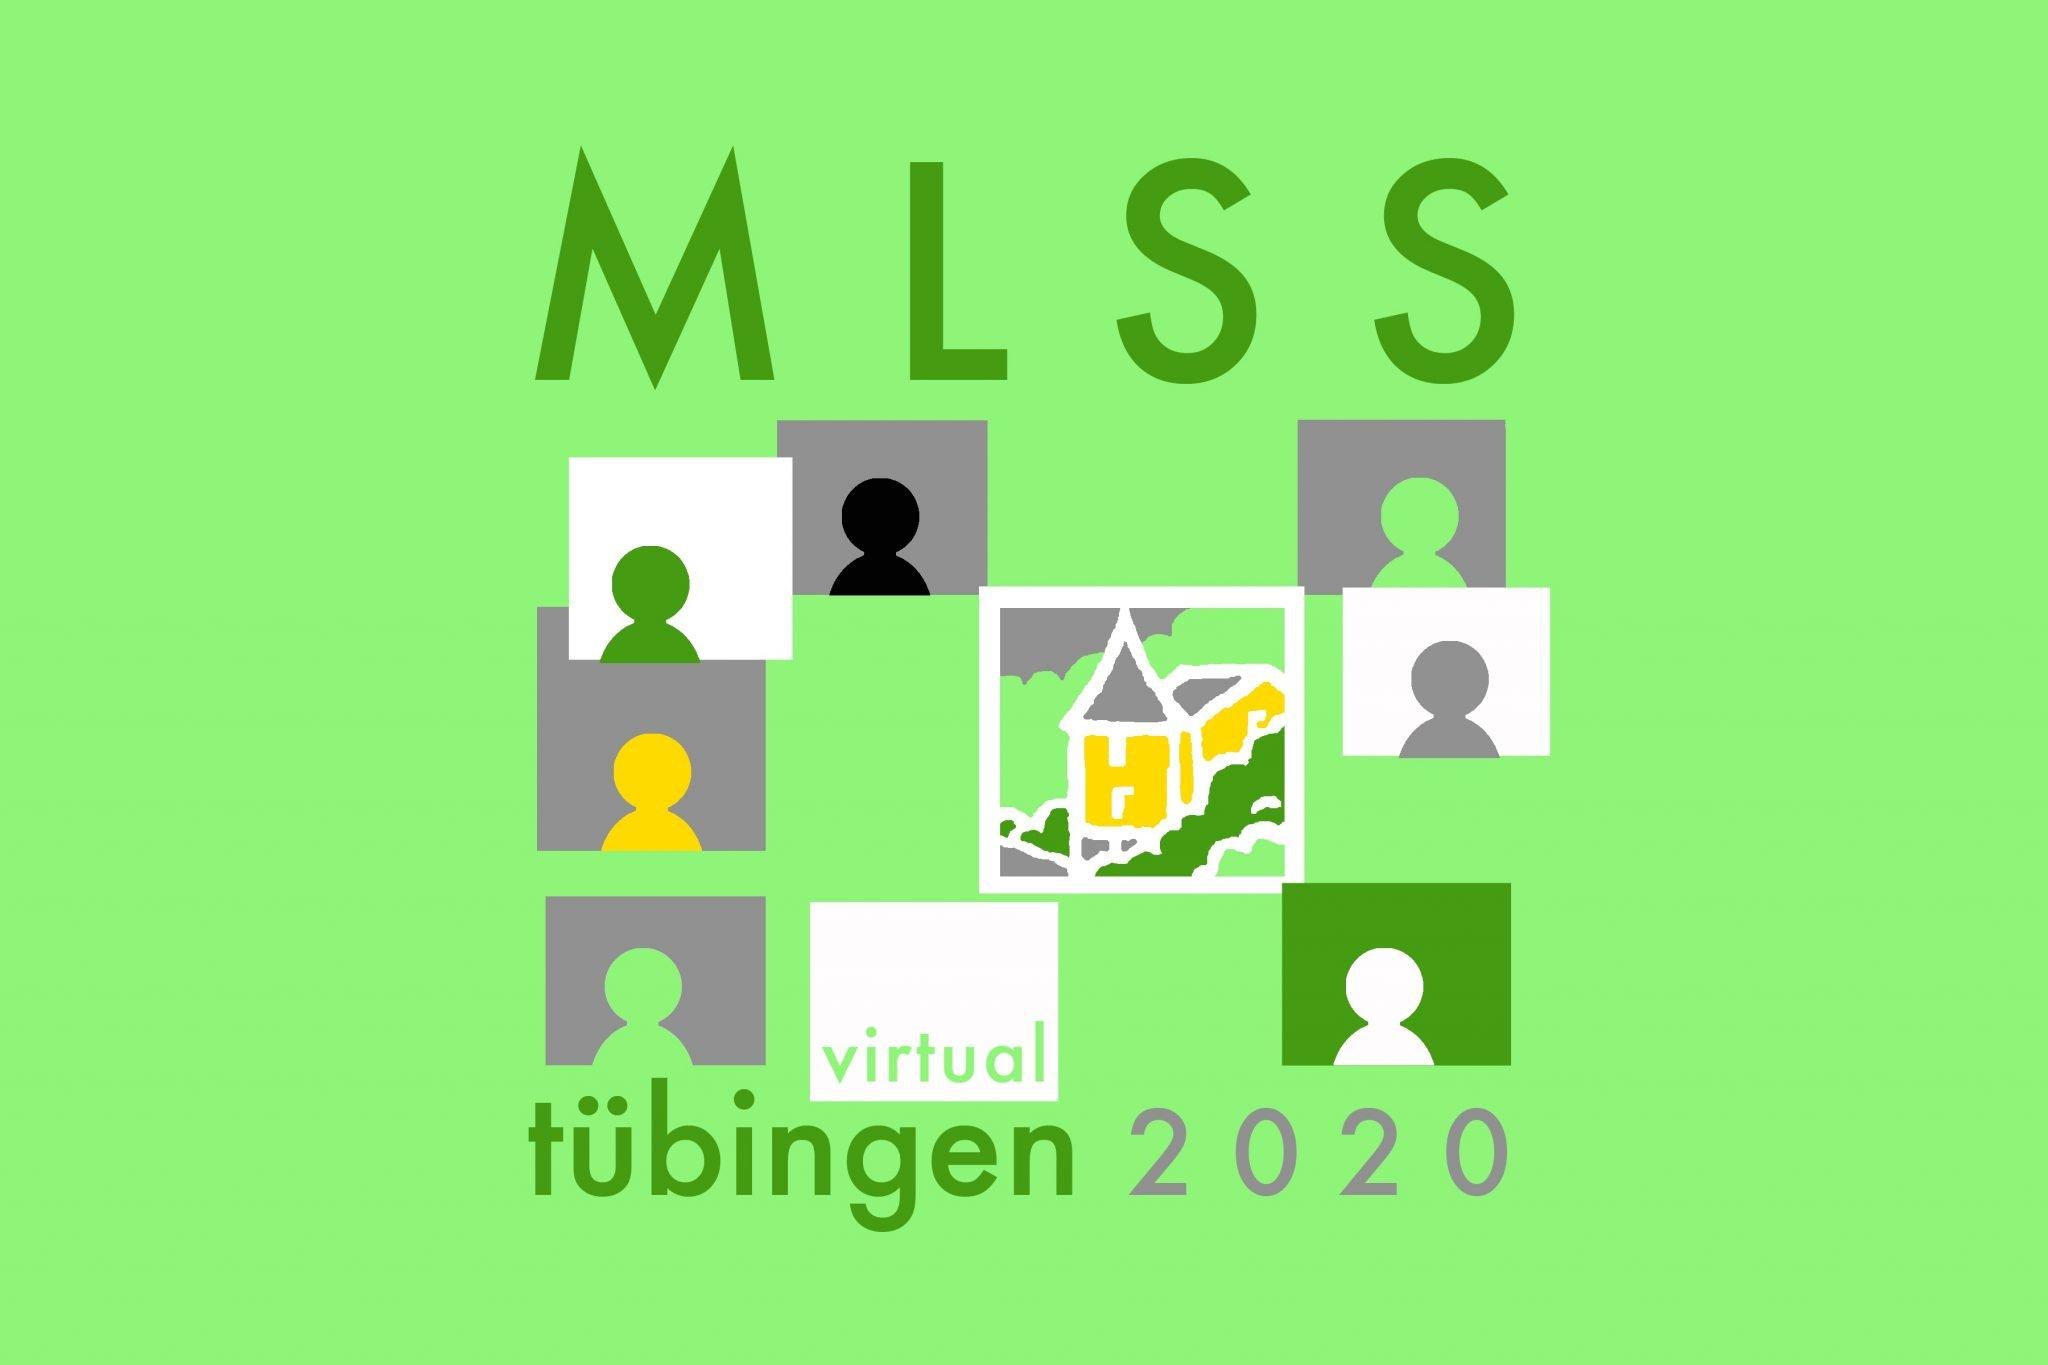 Mihaela van der Schaar to give tutorial at MLSS 2020